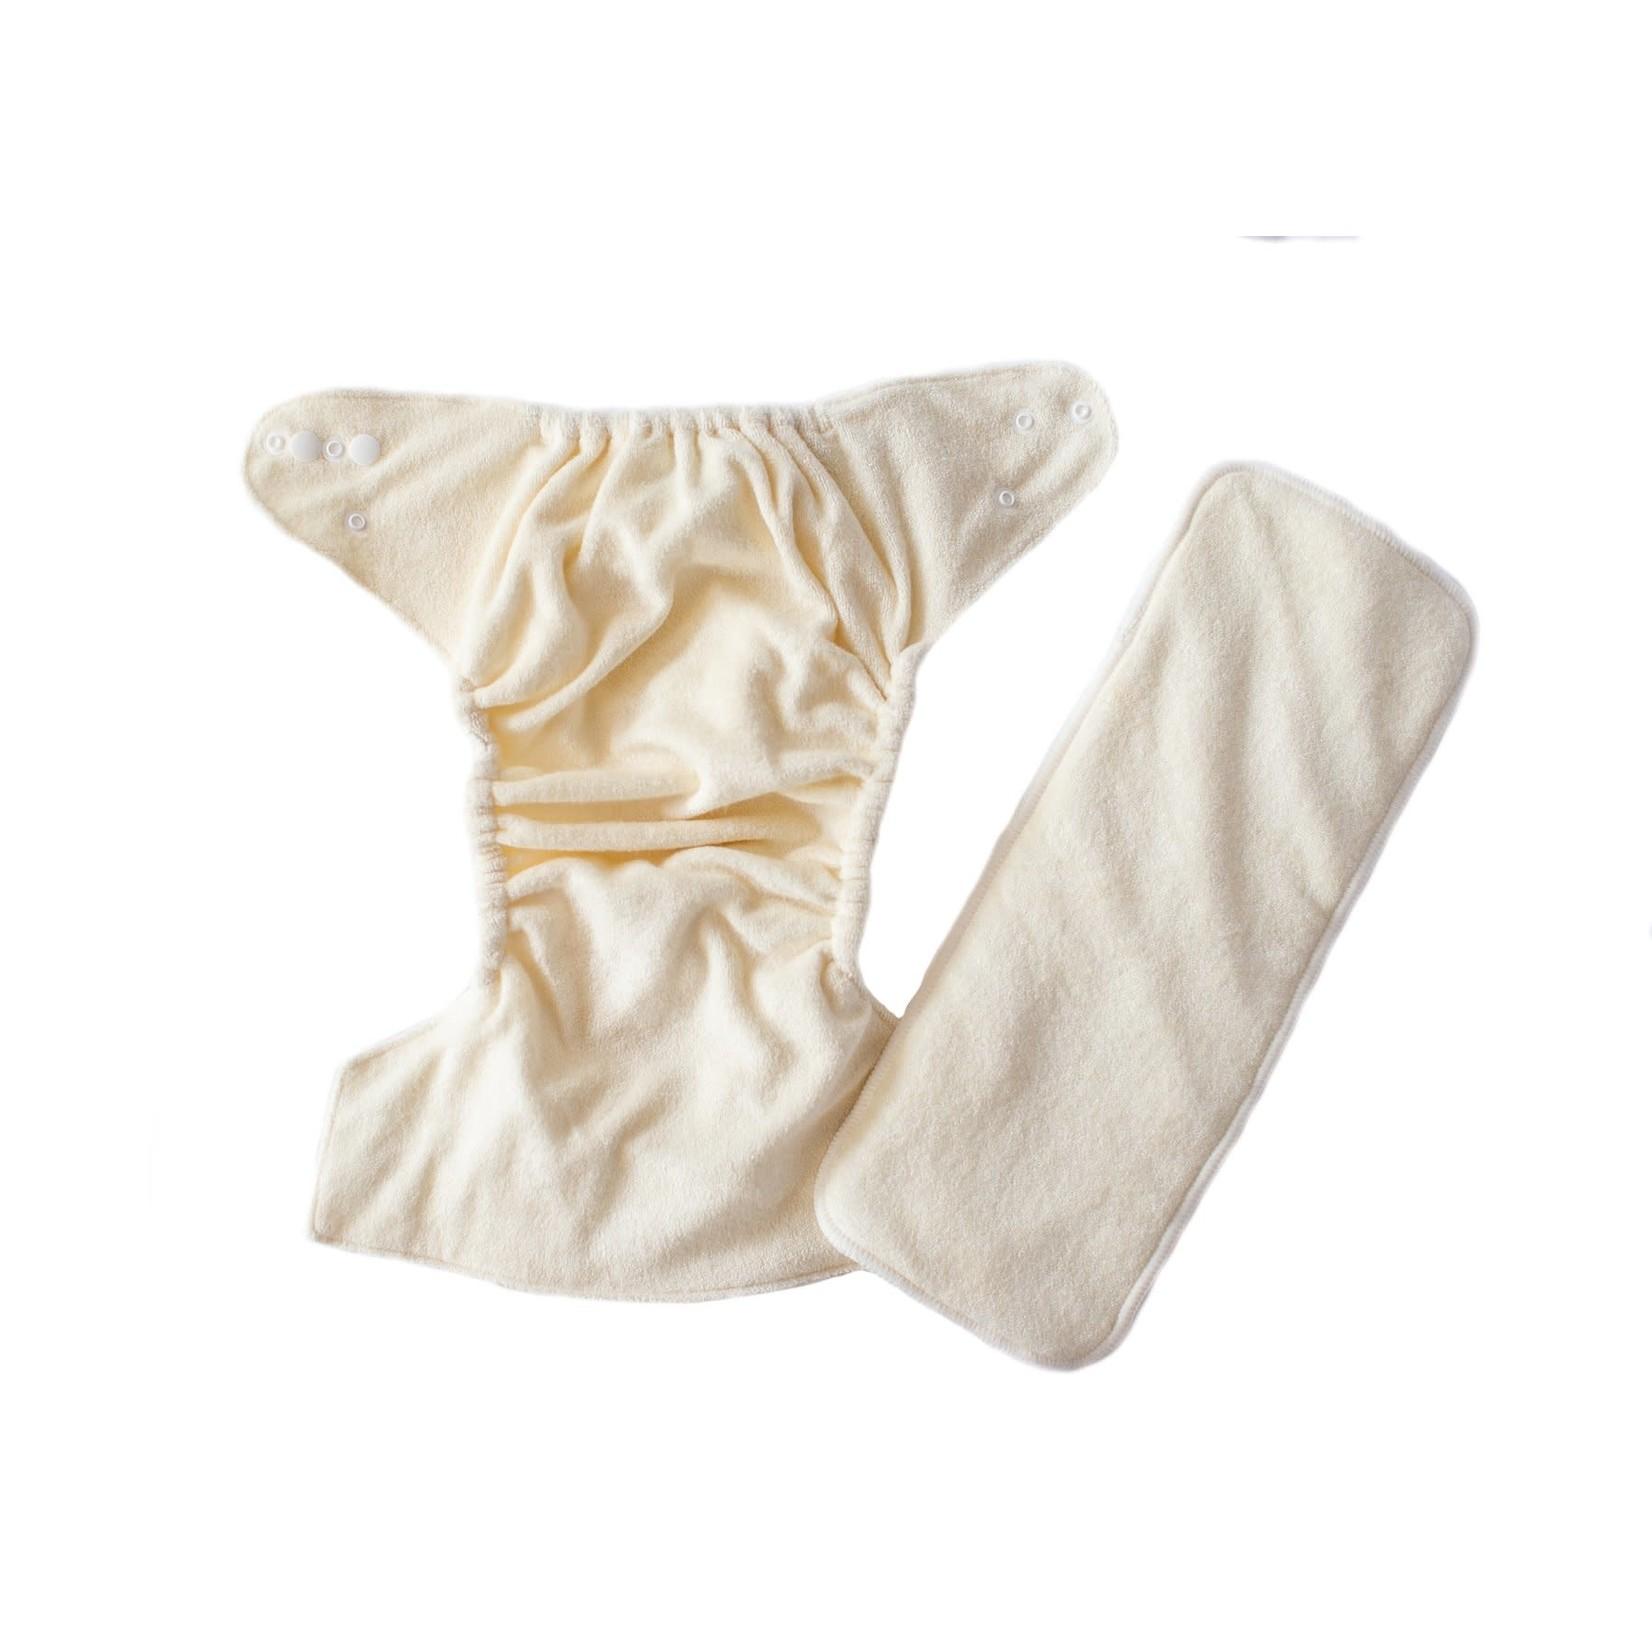 Luvme Luvme Bamboo Eco Reusable Cloth Nappy